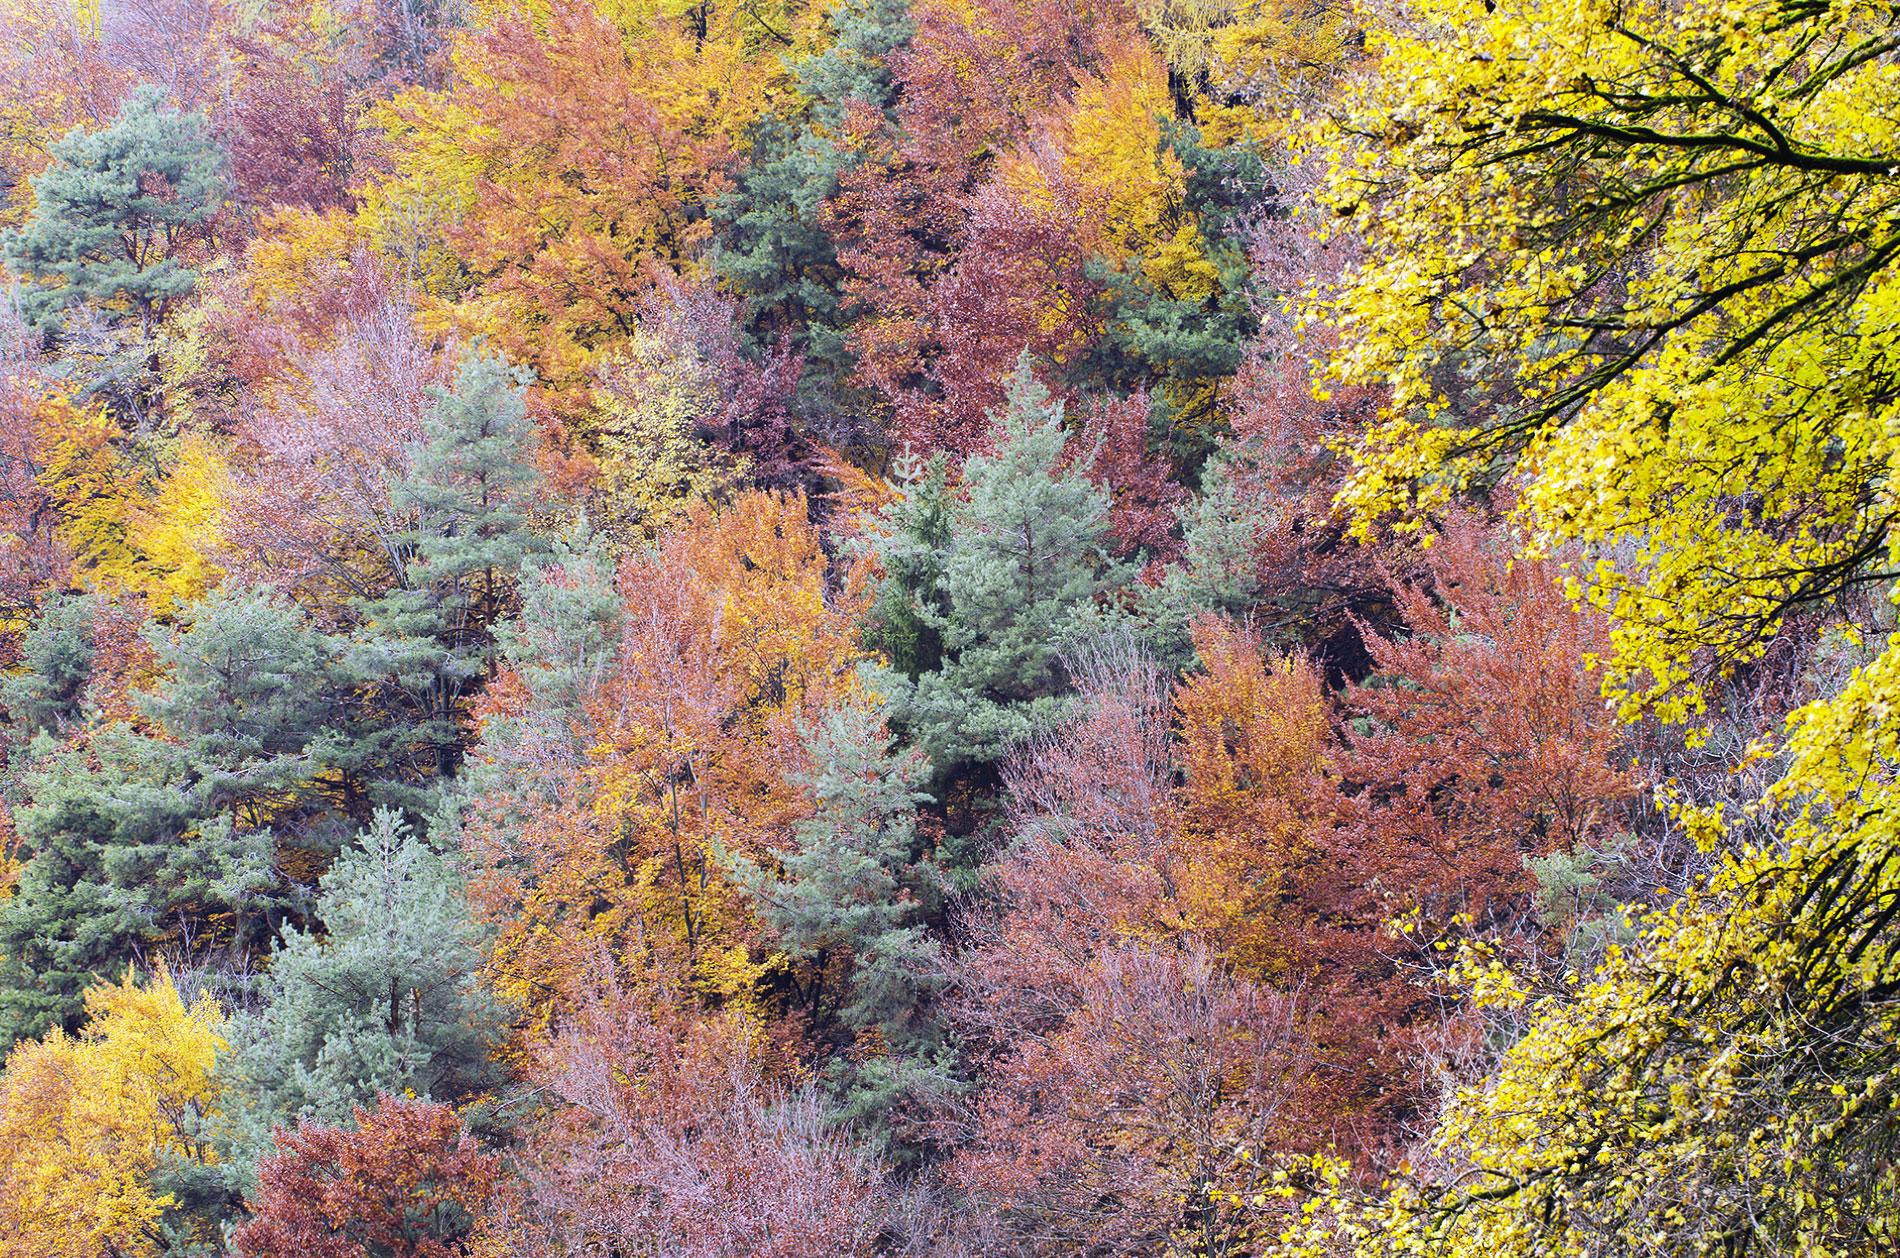 Foliage in alta Val di Cembra: magie d'autunno all'alba